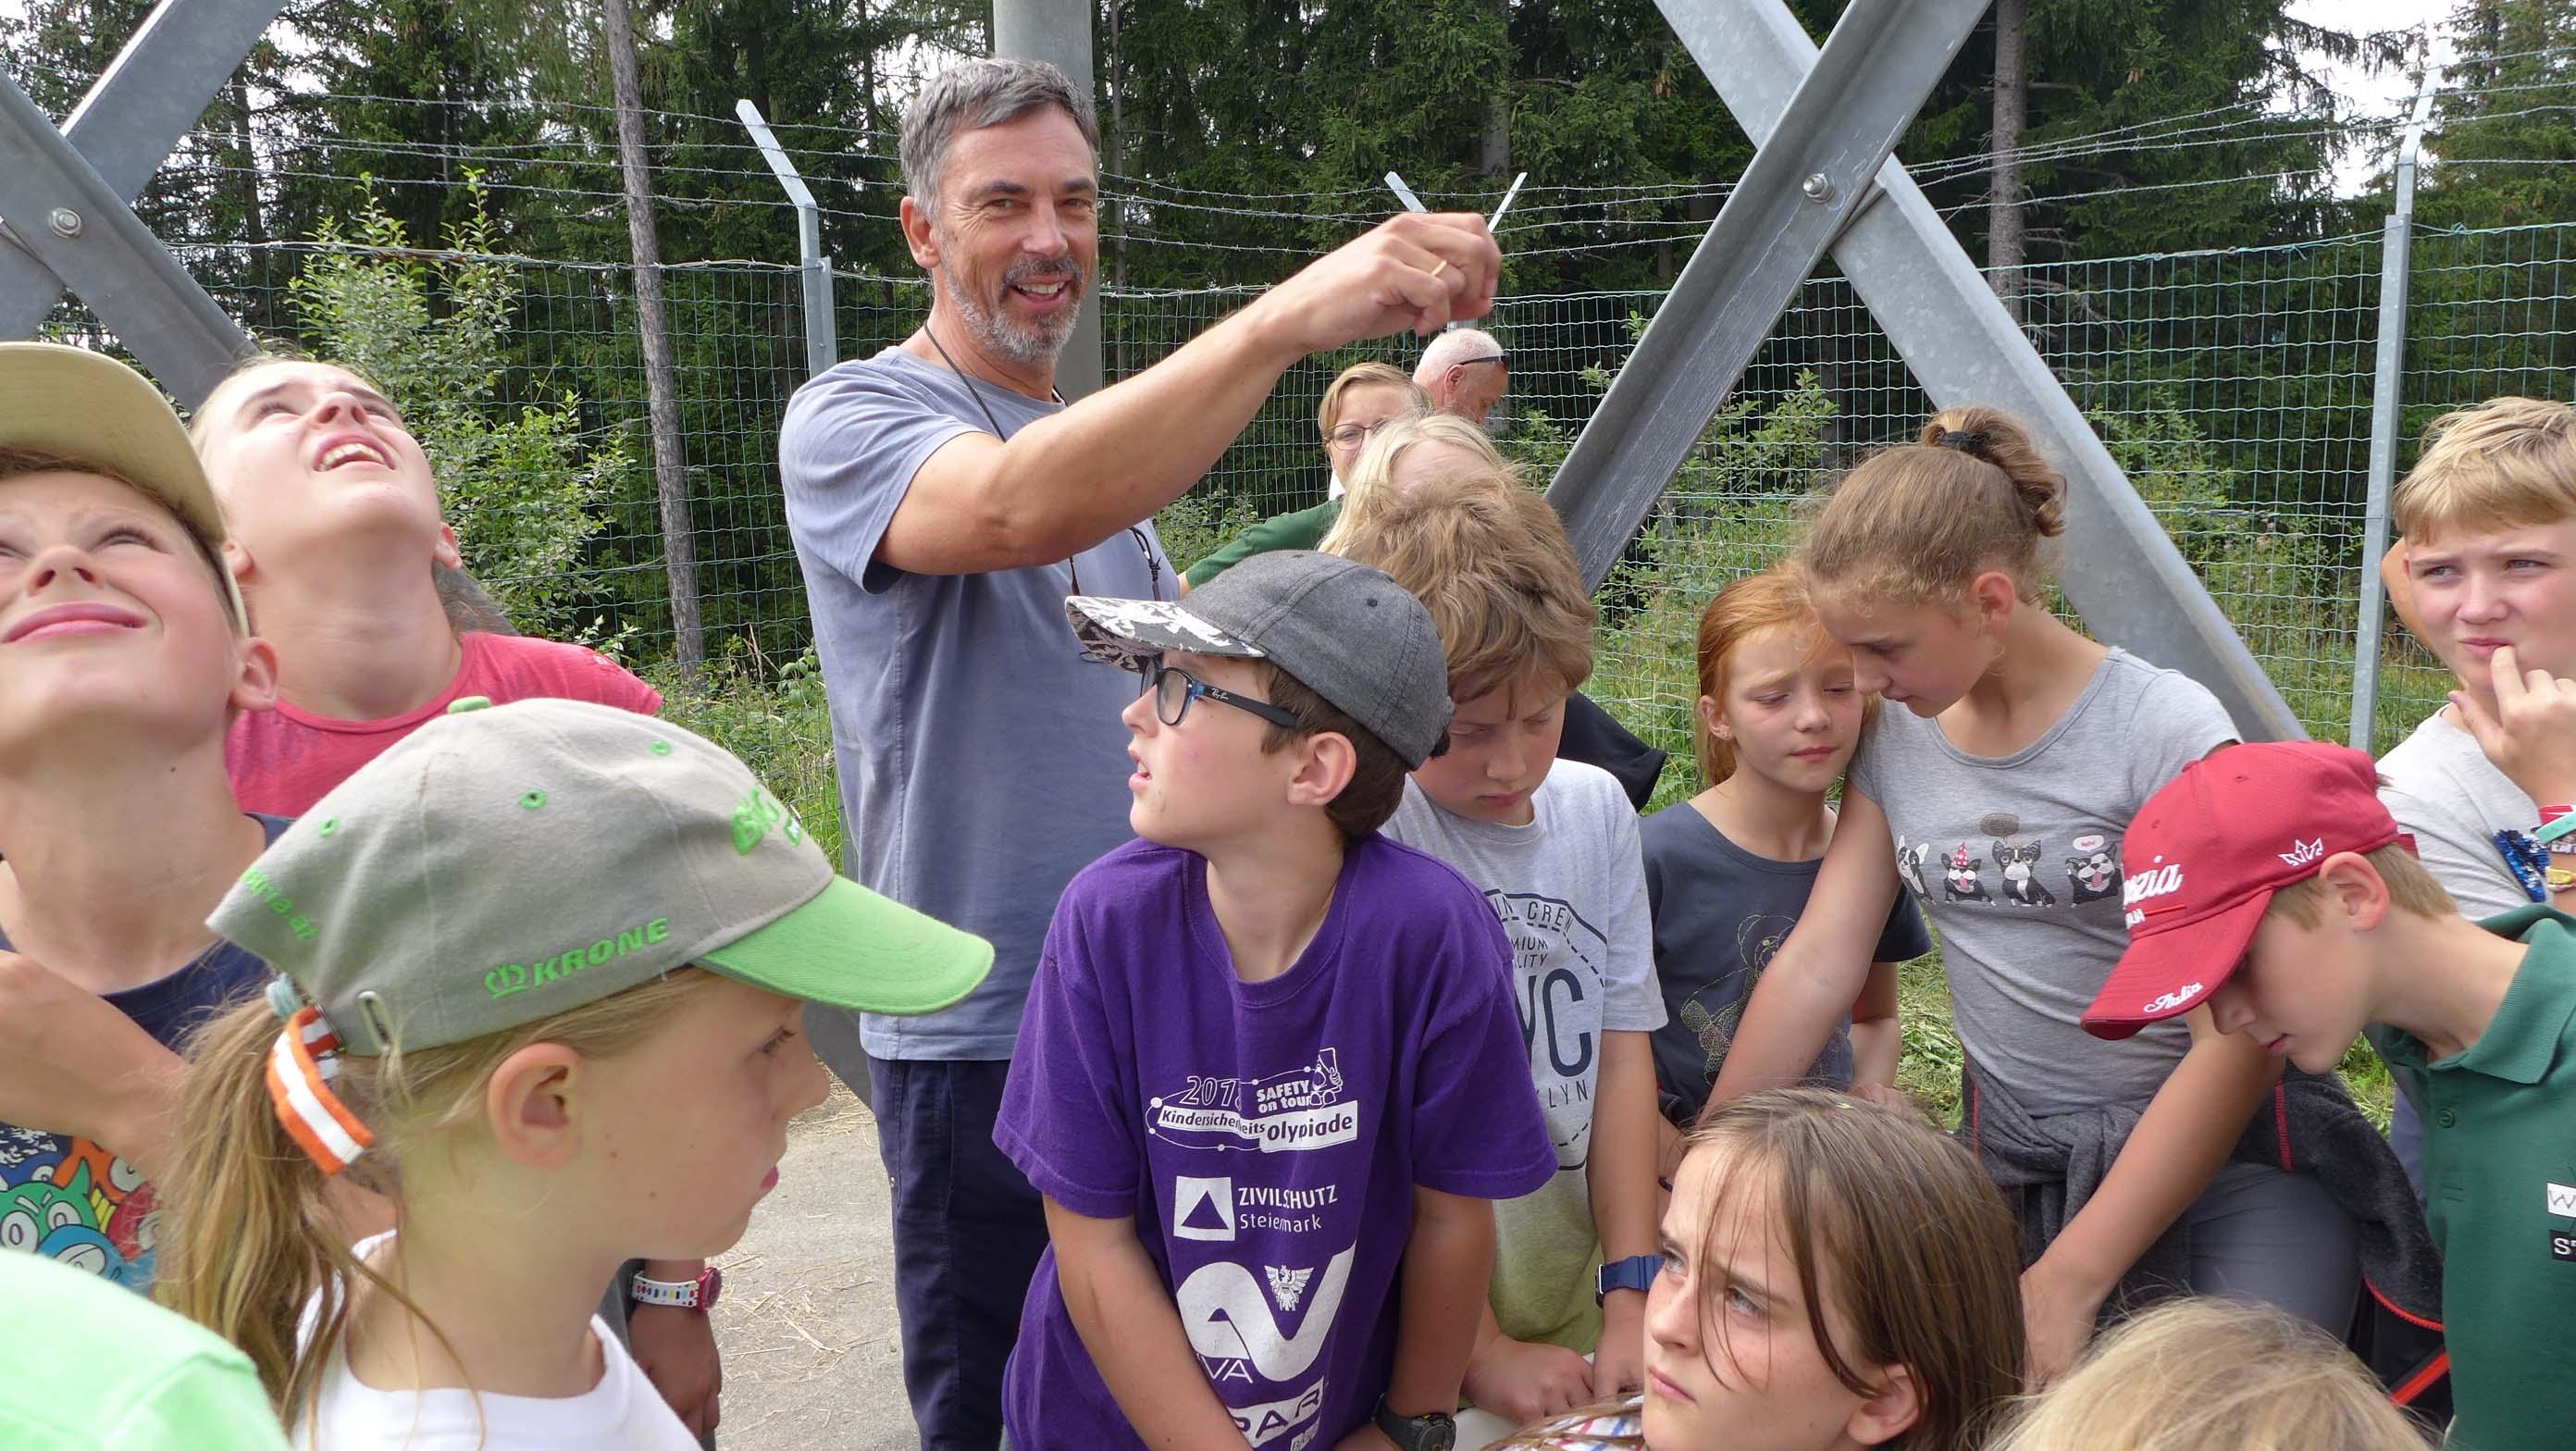 Ing. Martin Liska erklärt den Kindern die Aufgaben des Technikers